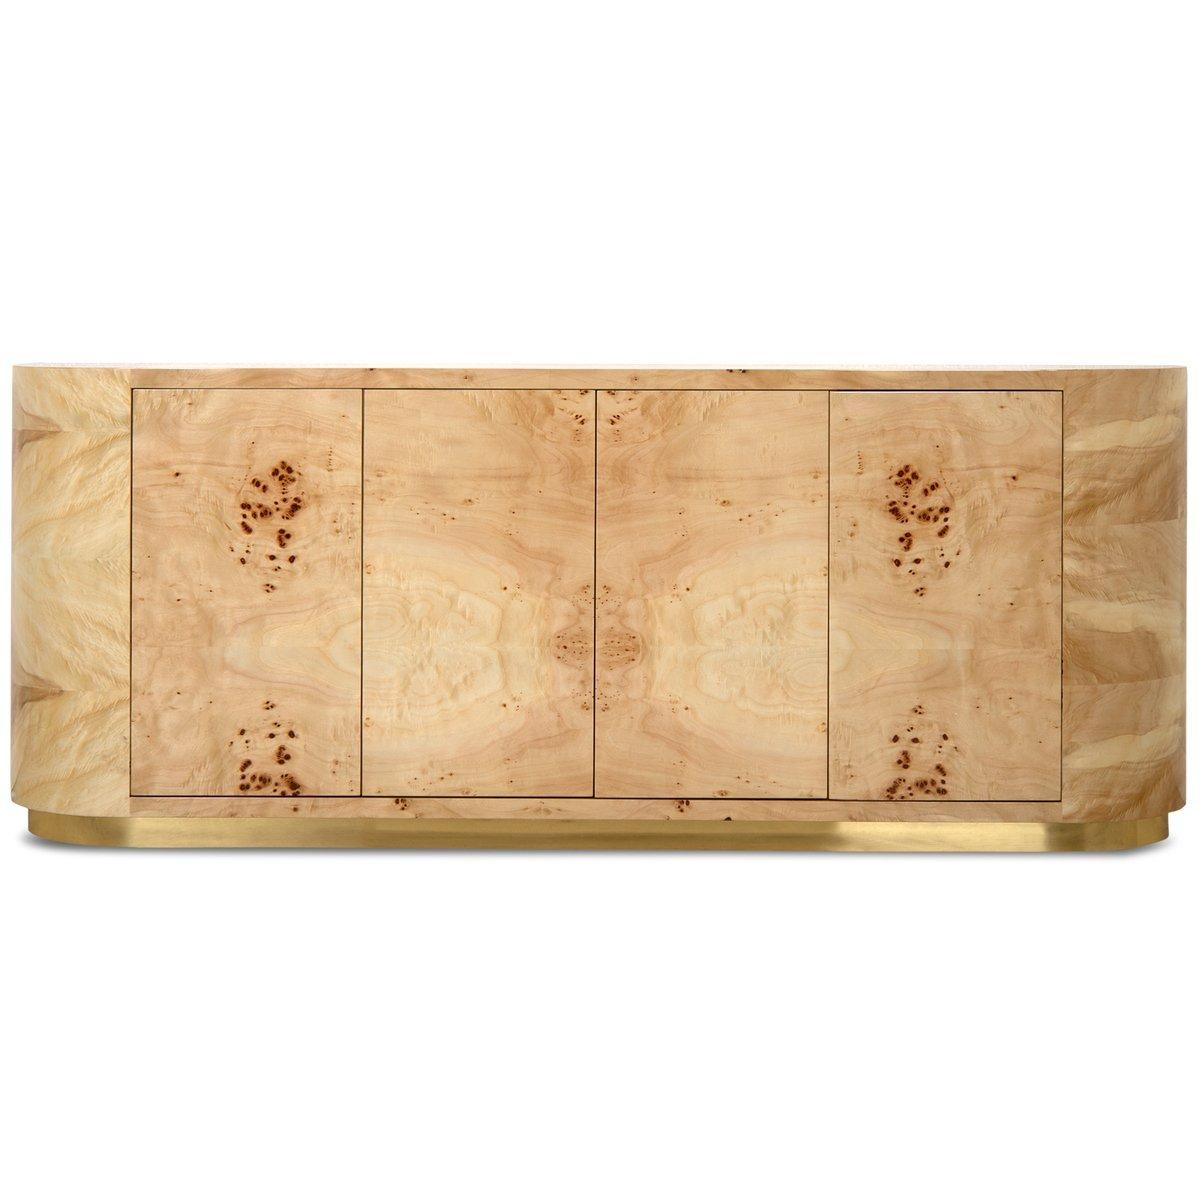 4 Door Sideboard | Wayfair With Most Up To Date Steinhatchee Reclaimed Pine 4 Door Sideboards (#3 of 20)